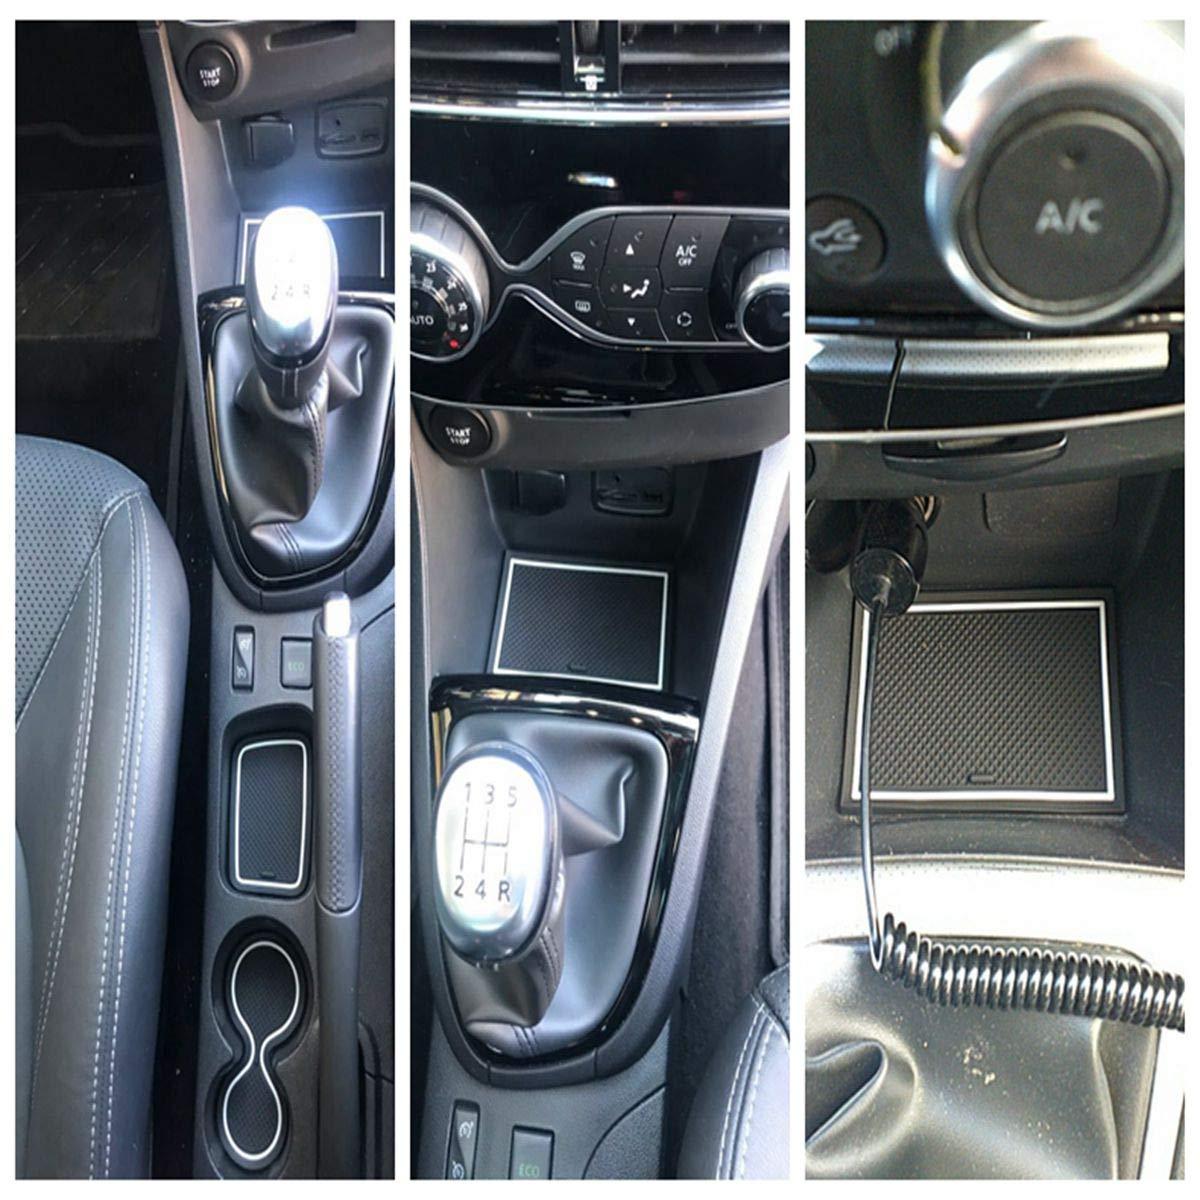 wasserdicht ISSYZONE CLIO 4 Anti-Rutsch-Unterlage f/ür Innenr/äume rutschfest Pad Slot aus Gummi f/ür Clio 4 2013-2018 Bianco